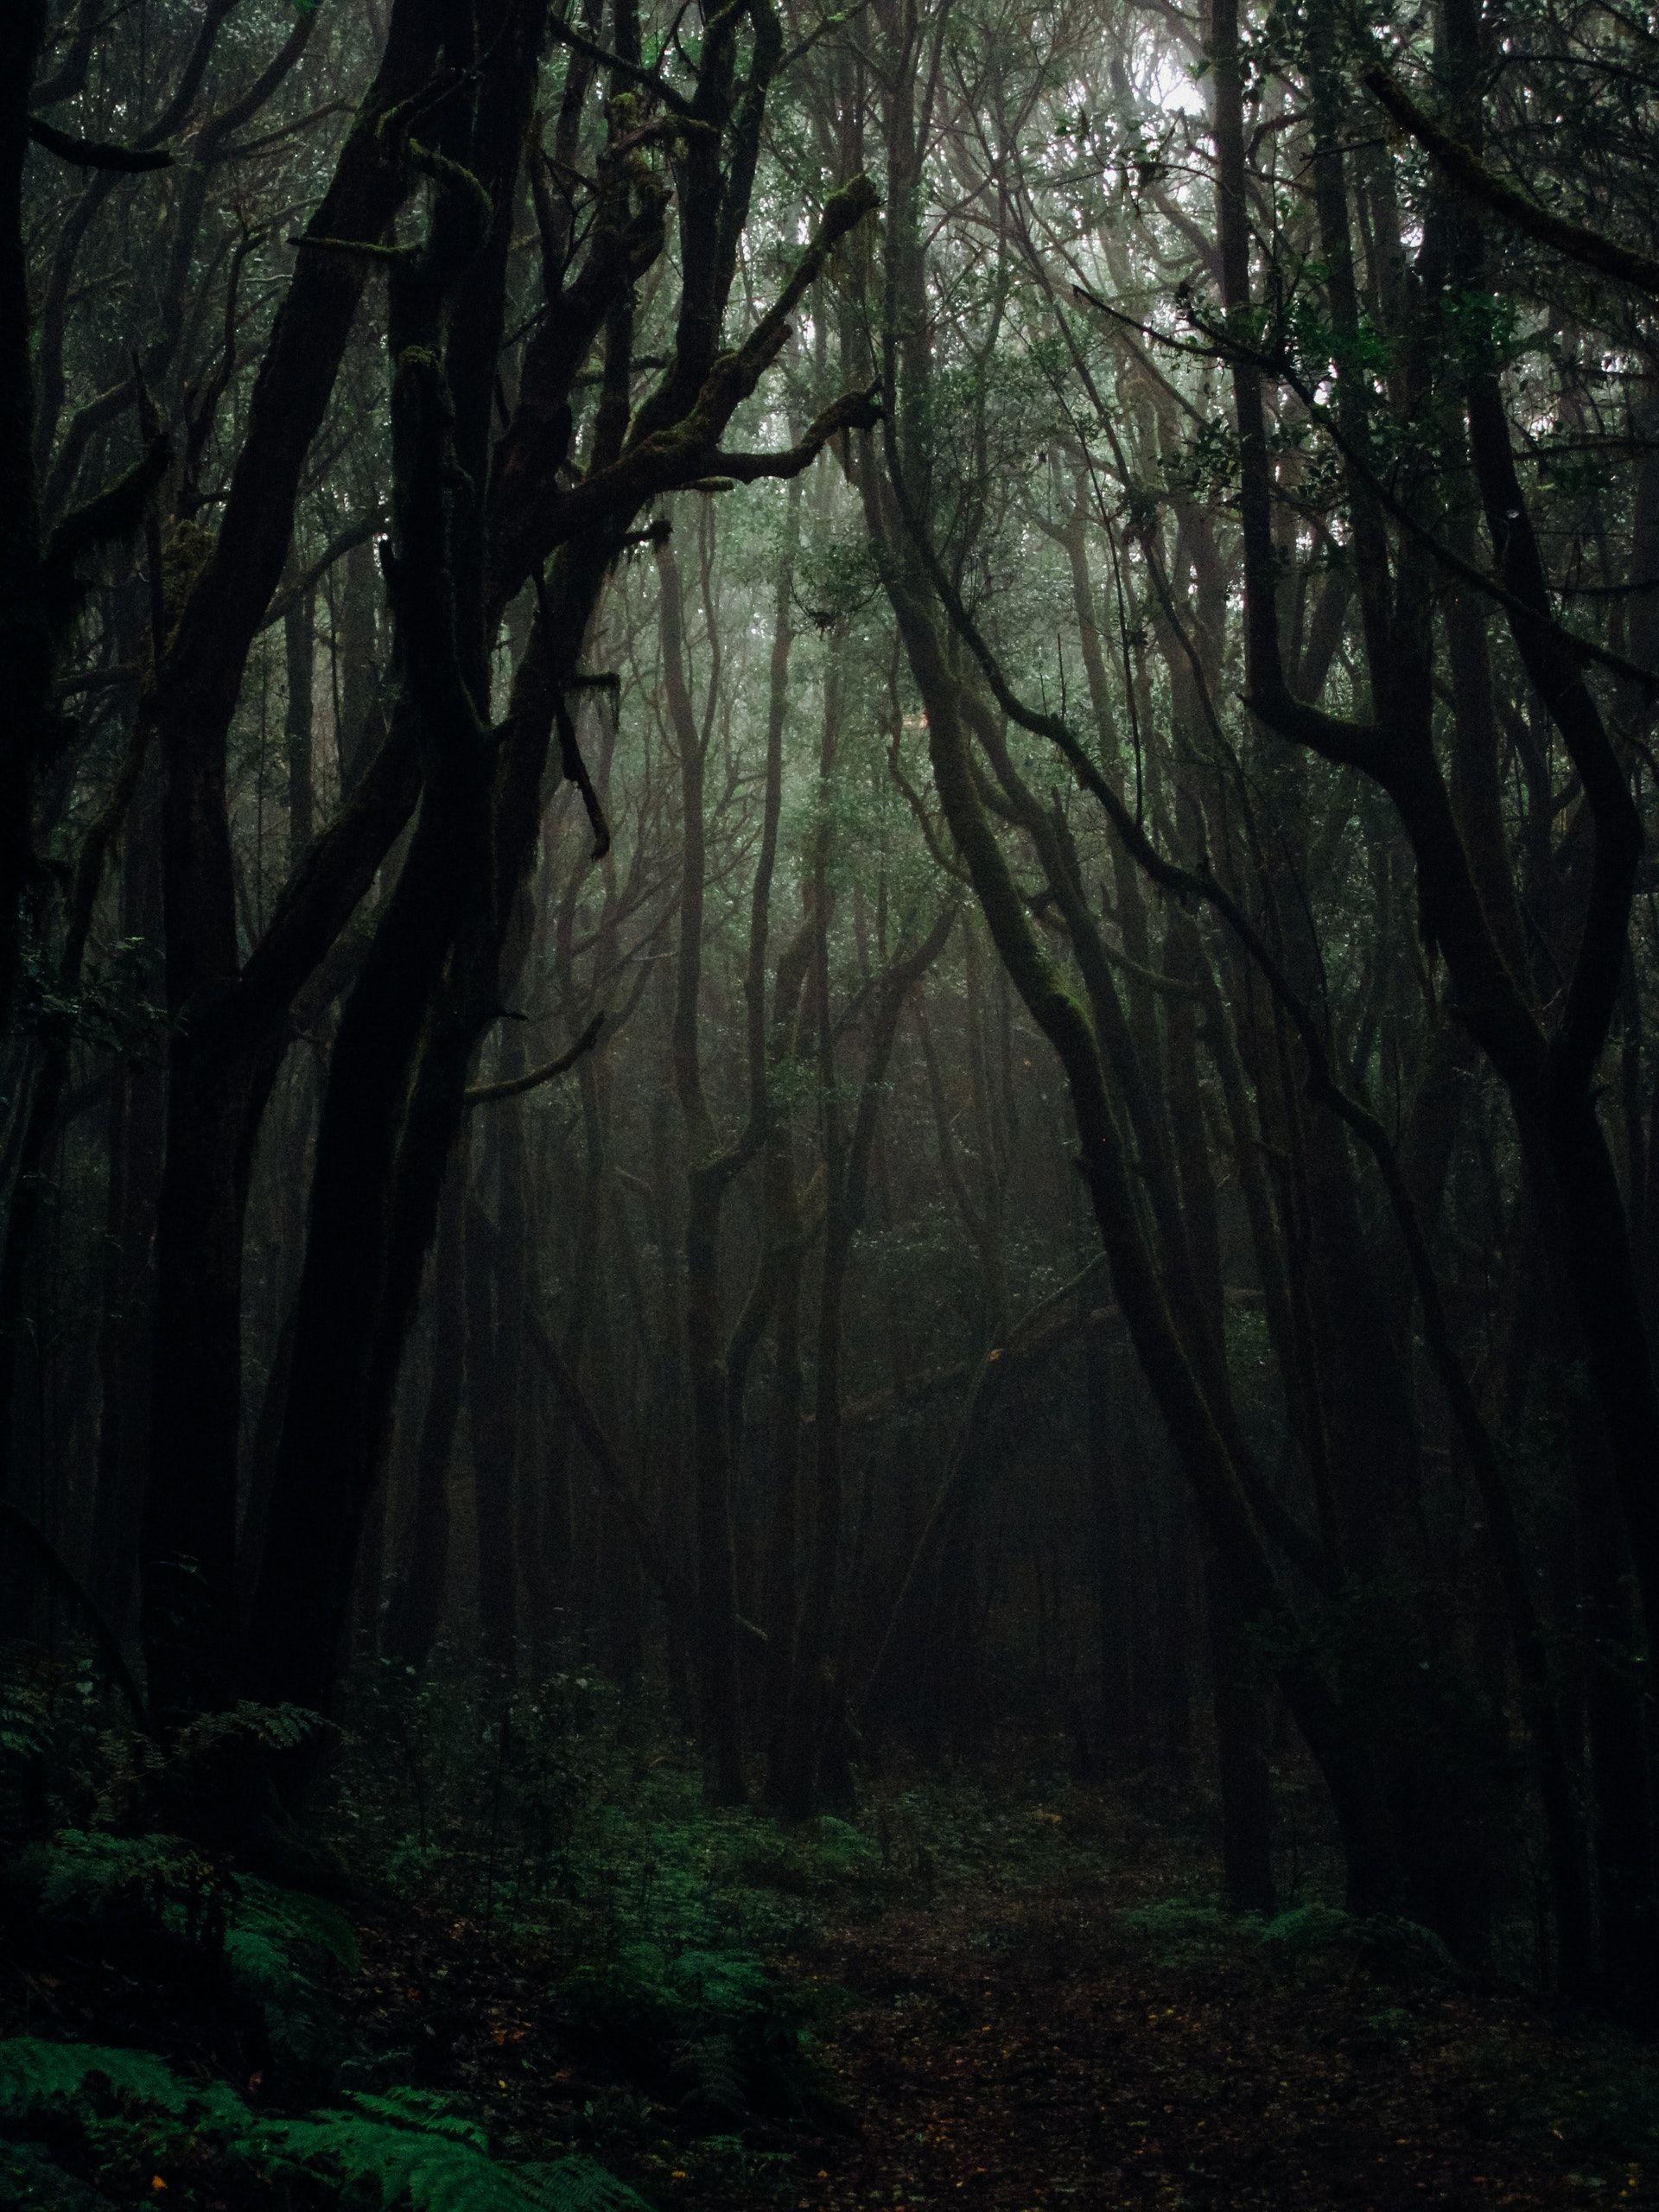 عکس زمینه جنگل ترسناک و تاریک پس زمینه